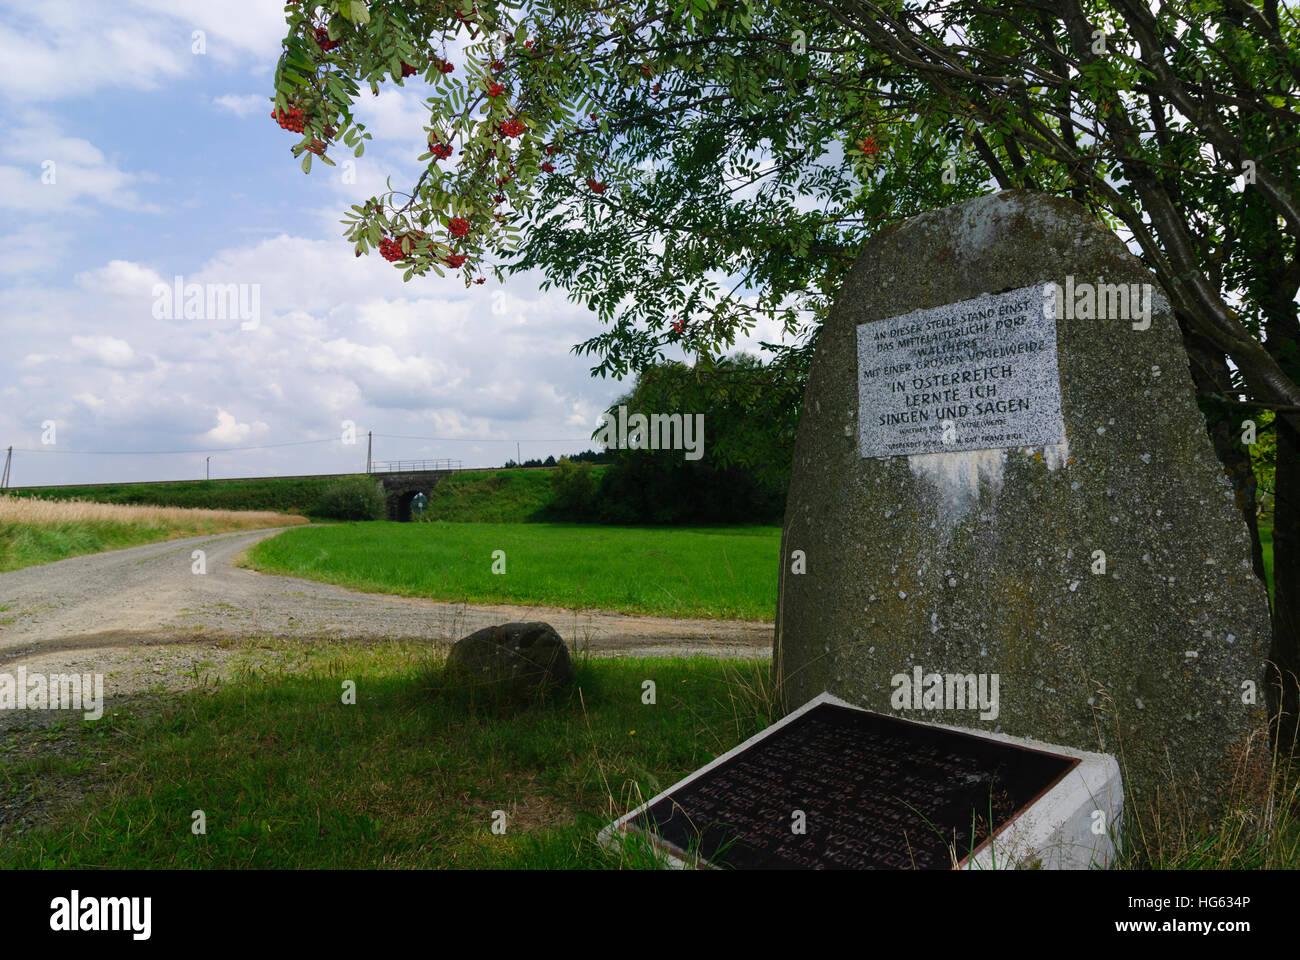 Zwettl: Memorial stone at the alleged birthplace of Walter von der Vogelweide in Hörmanns, Waldviertel, Niederösterreich,Stock Photo